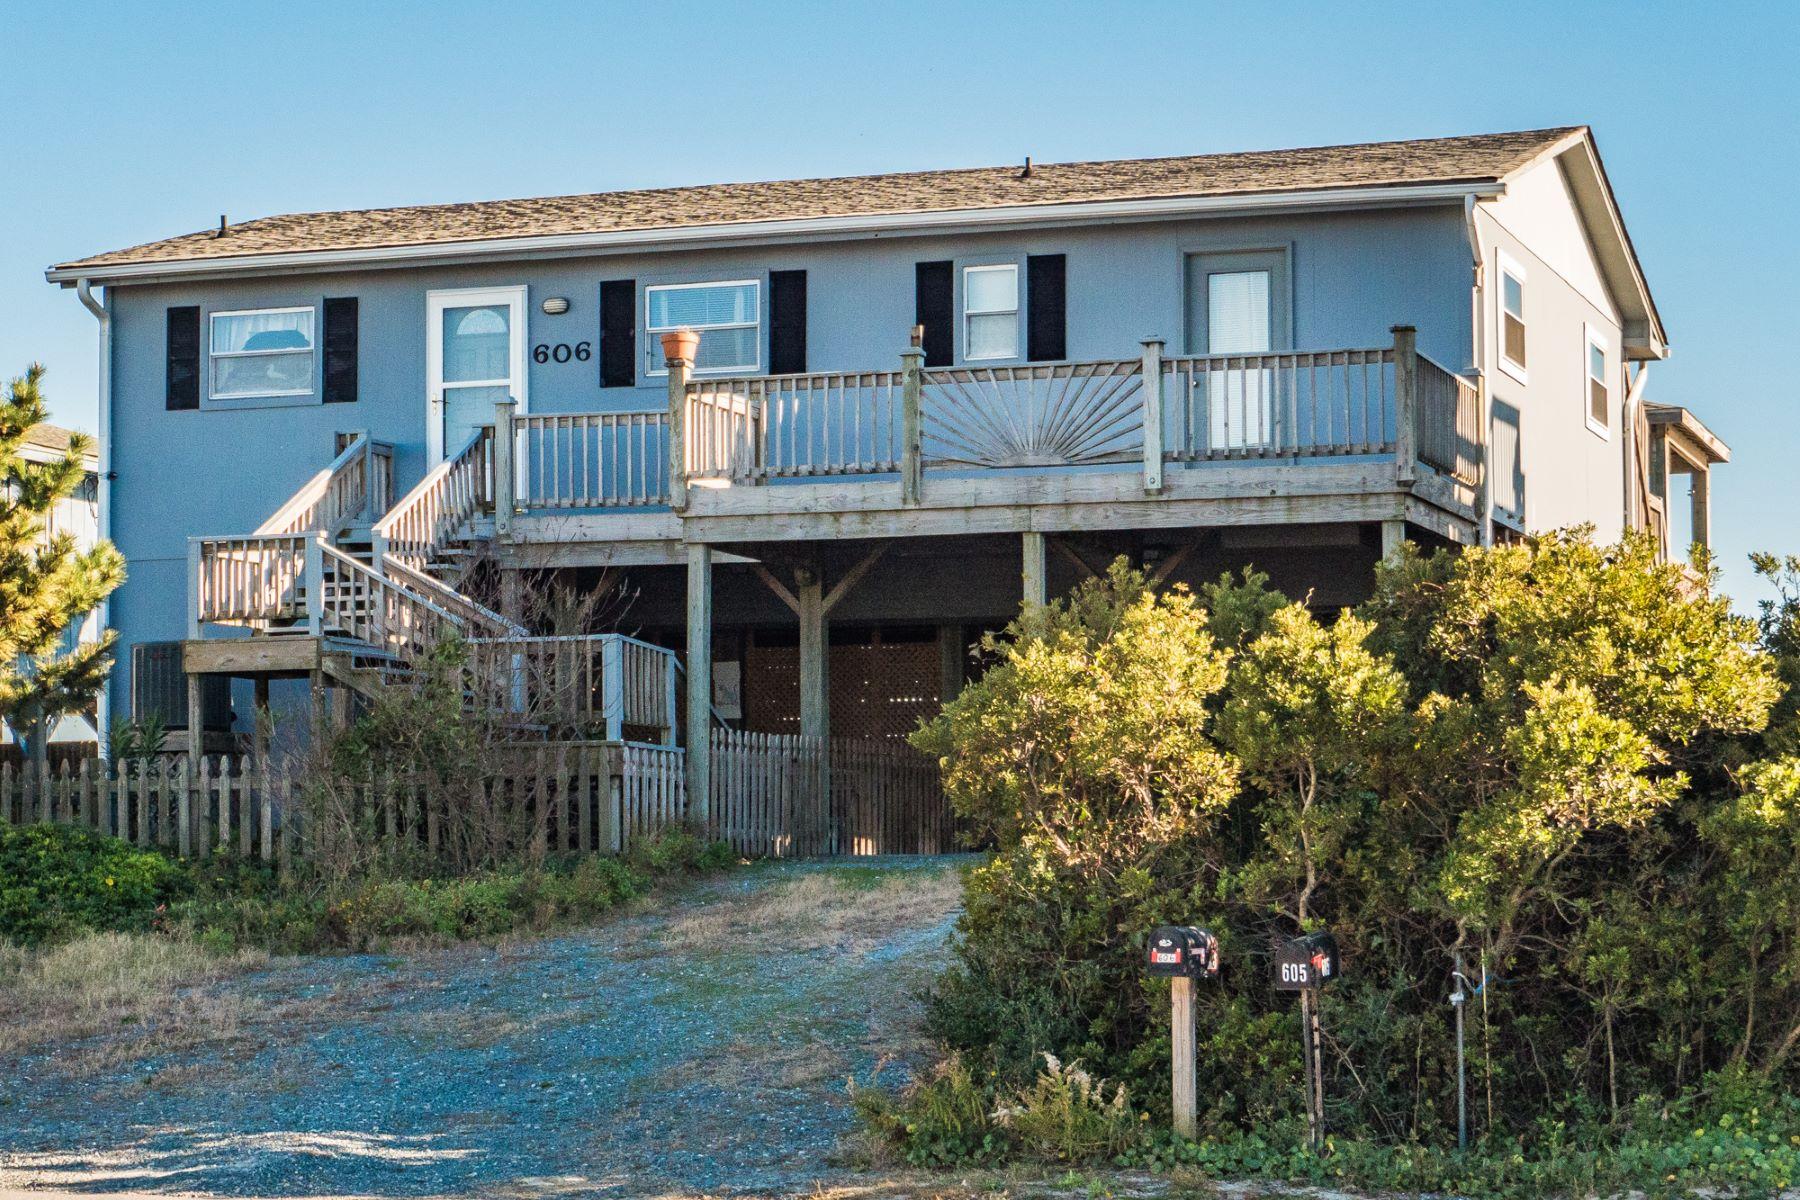 Einfamilienhaus für Verkauf beim Classic Topsail Beach Cottage 606 N Shore Drive, Surf City, North Carolina, 28445 Vereinigte Staaten